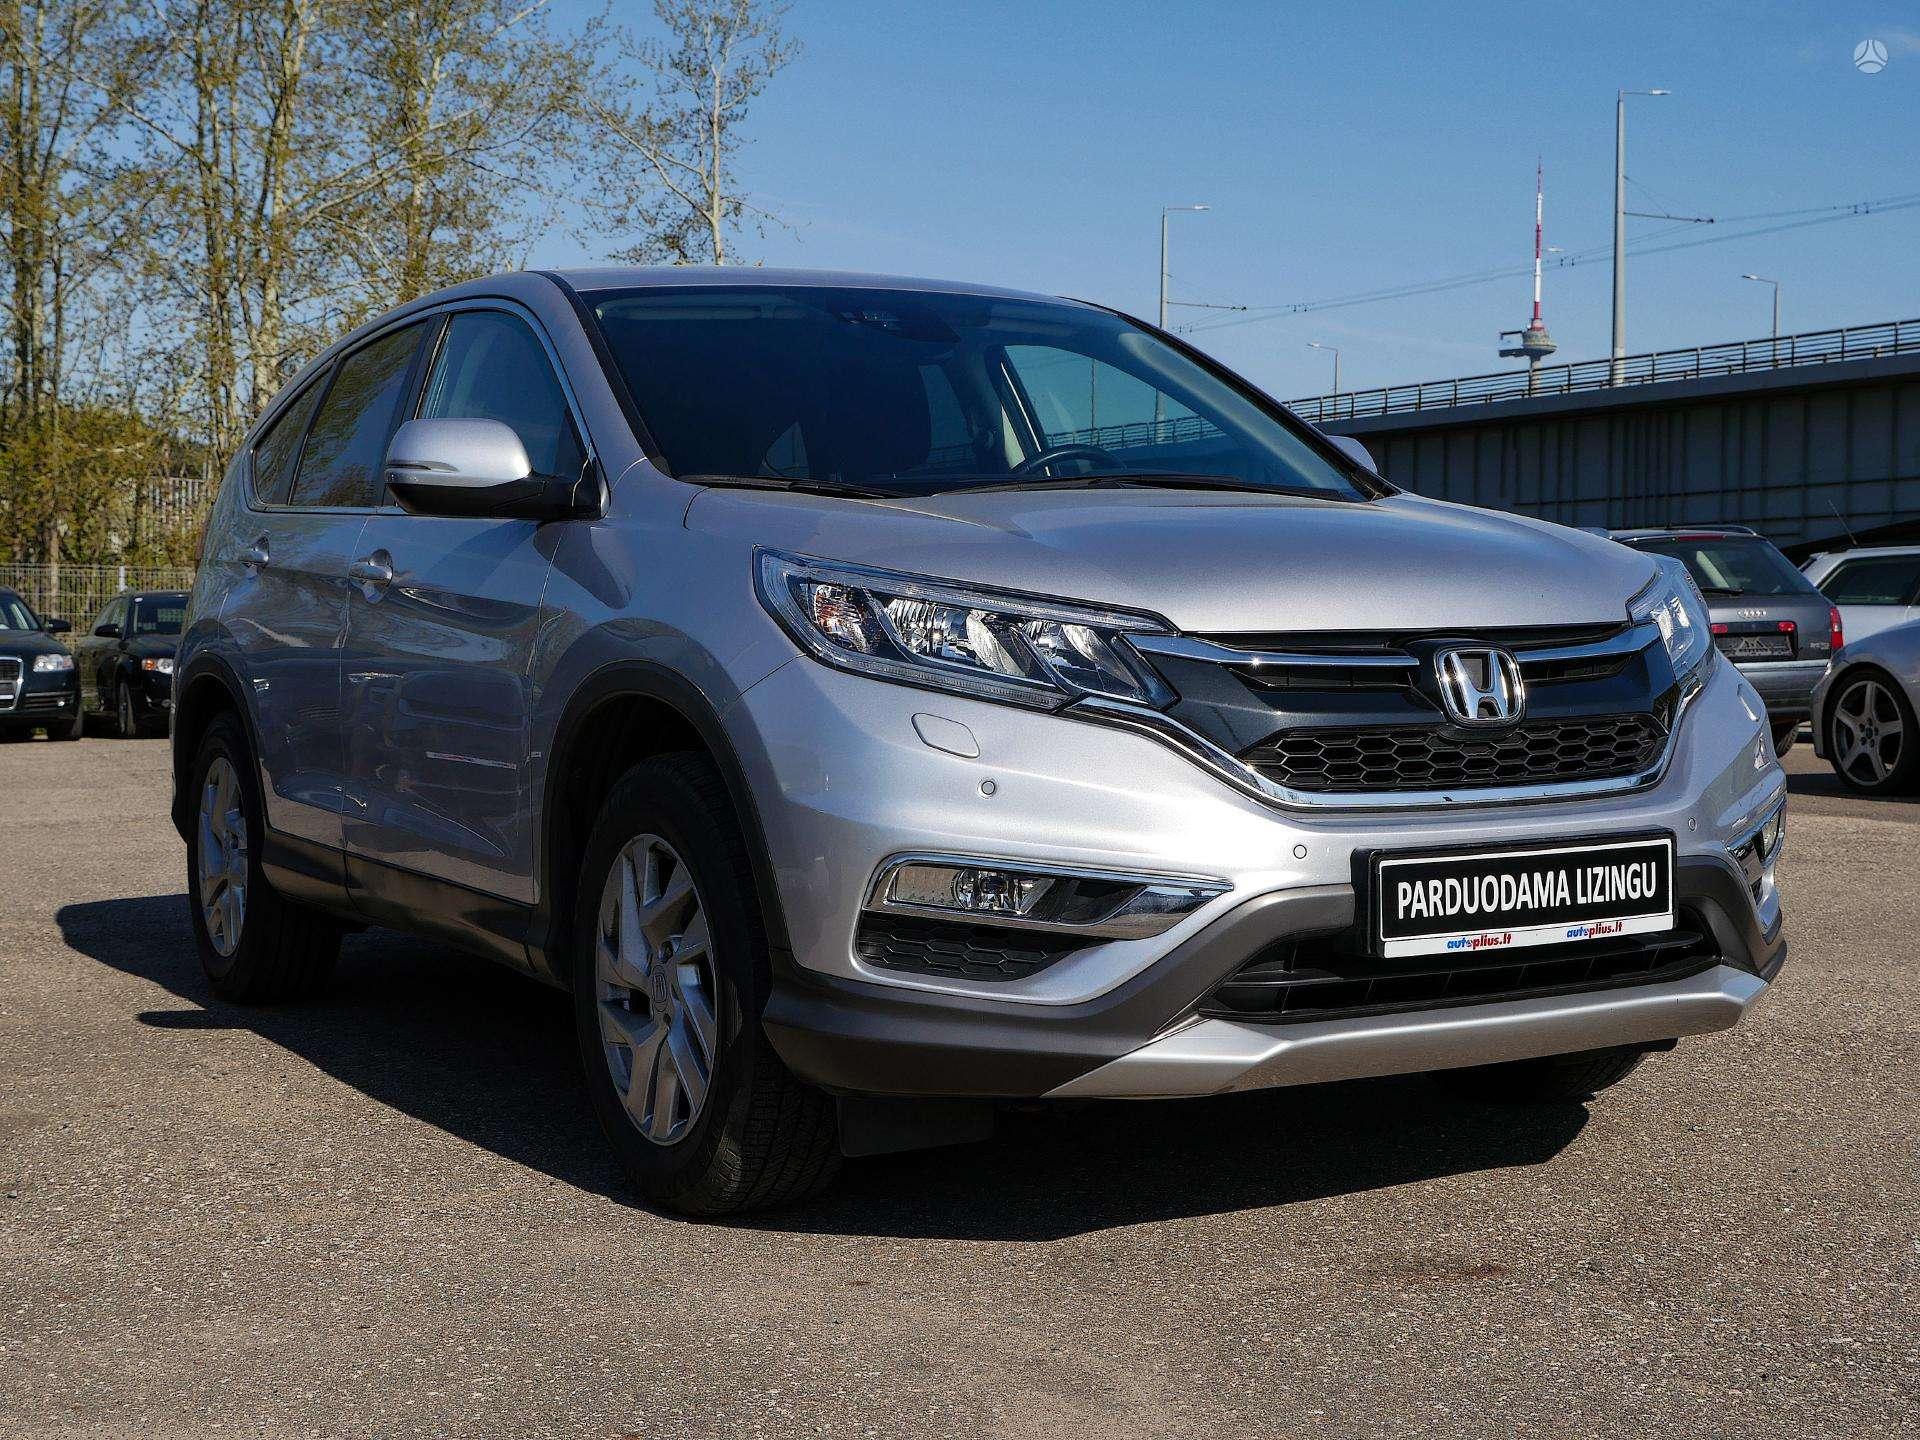 Honda CR-V išsimokėtinai nuo 282 Eur/mėn su 3 mėnesių garantija